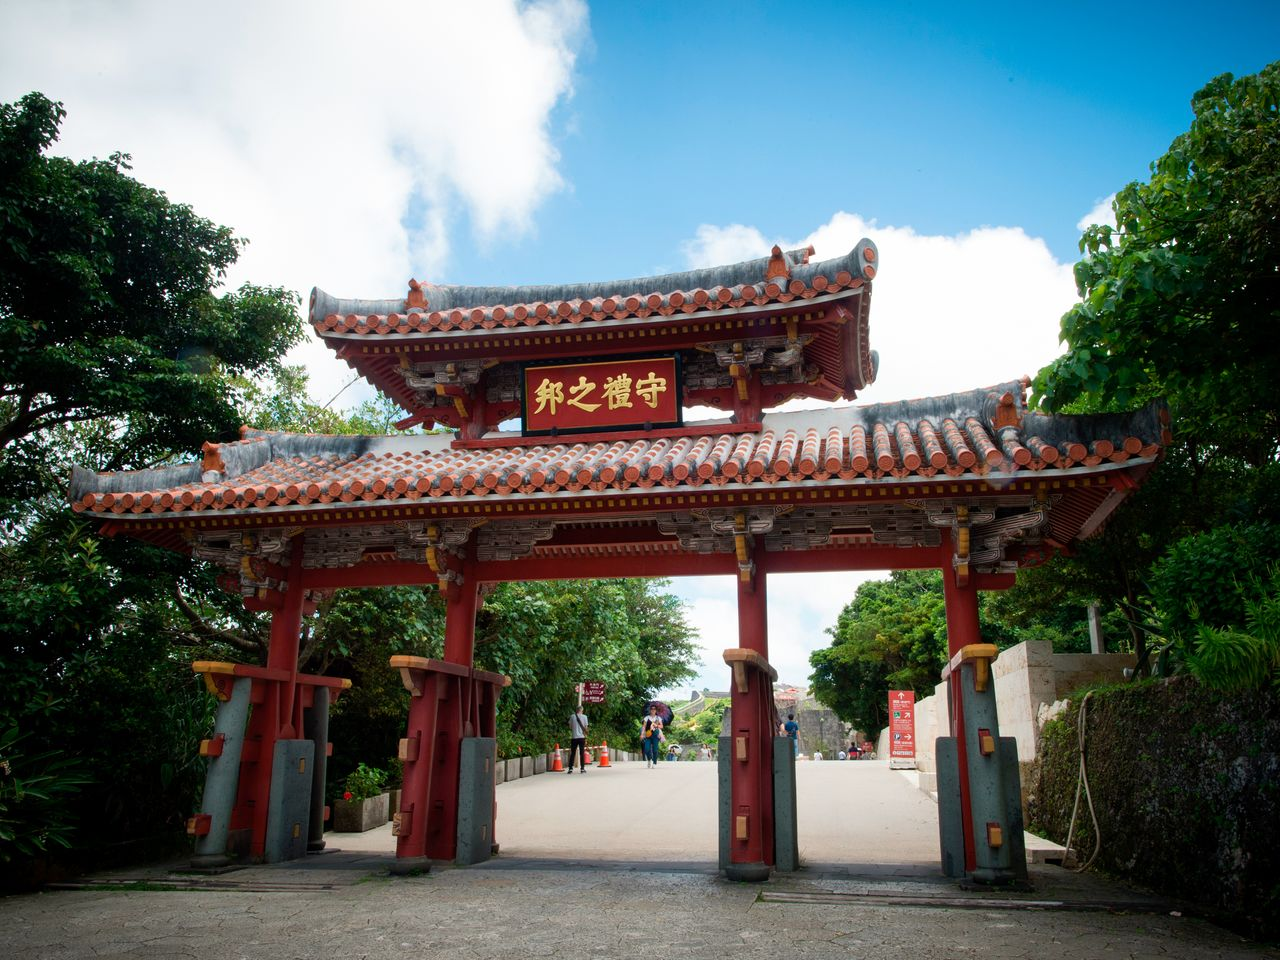 Элегантные ворота Сюрэймон на входе в замок Сюридзё. На табличке надпись «На Рюкю почитают этикет»